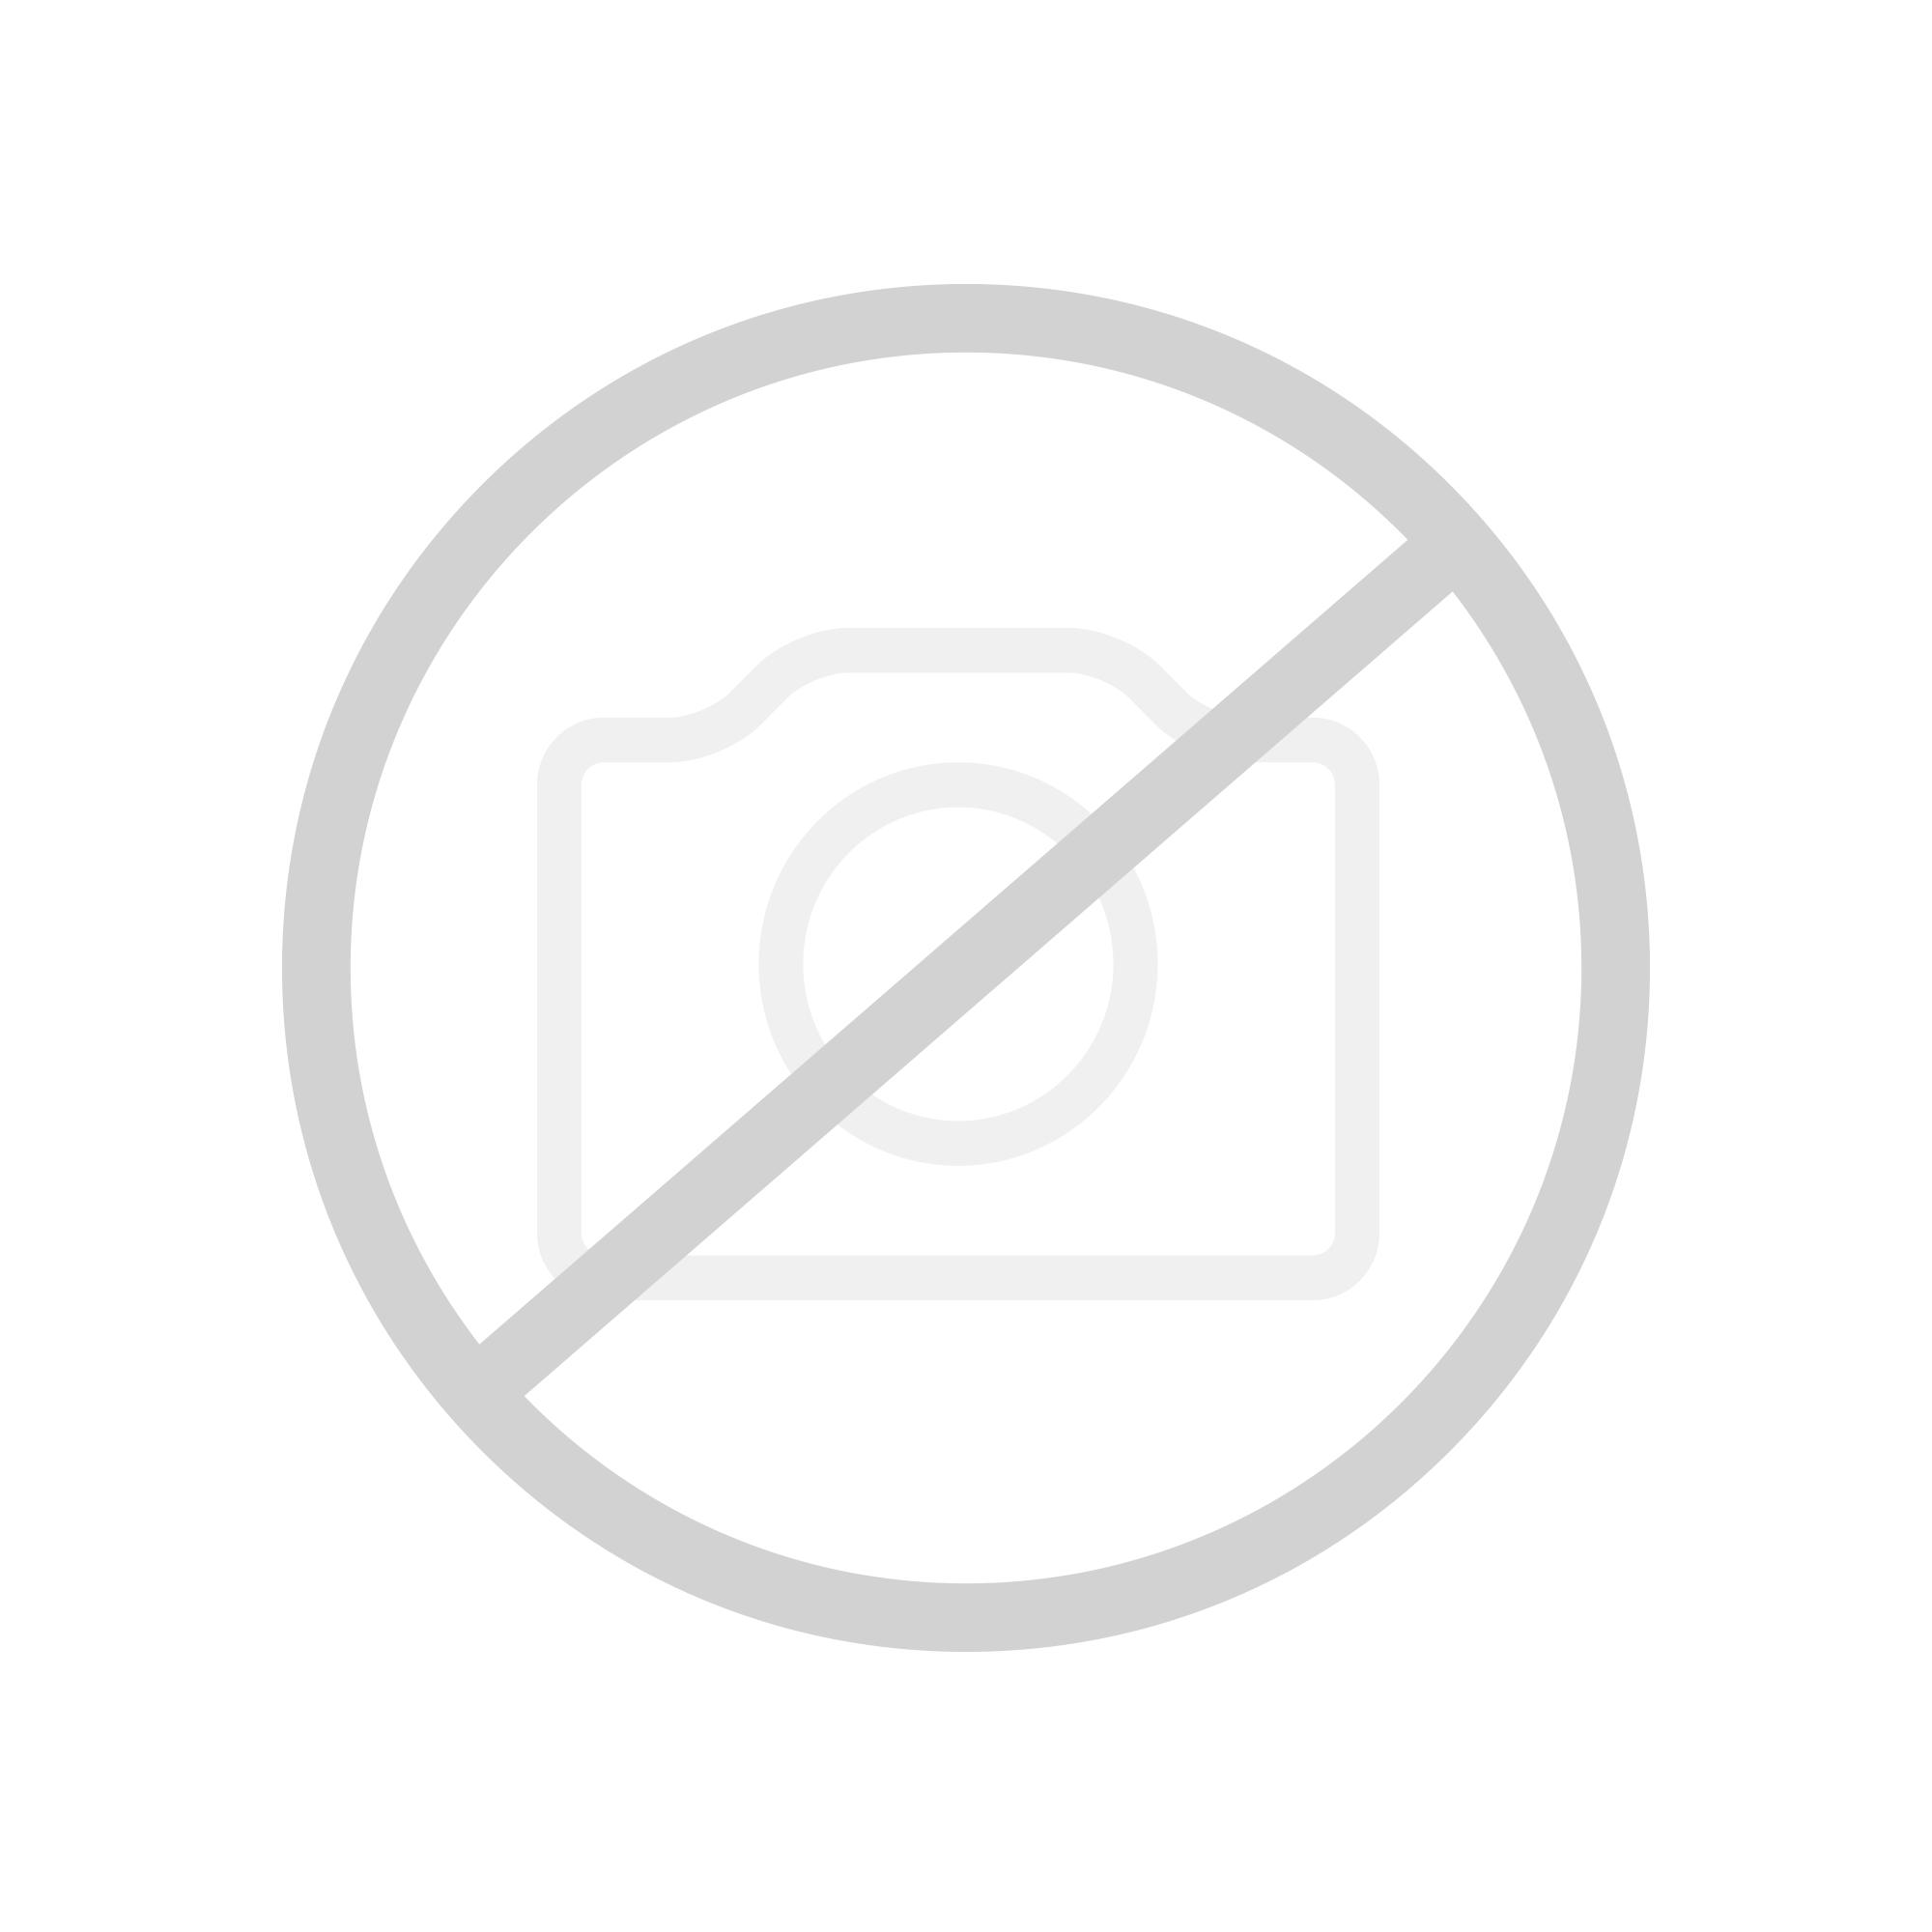 Arbeitszimmer gestaltungsmöglichkeiten  Arbeitszimmer Gestaltungsmöglichkeiten | loopele.com